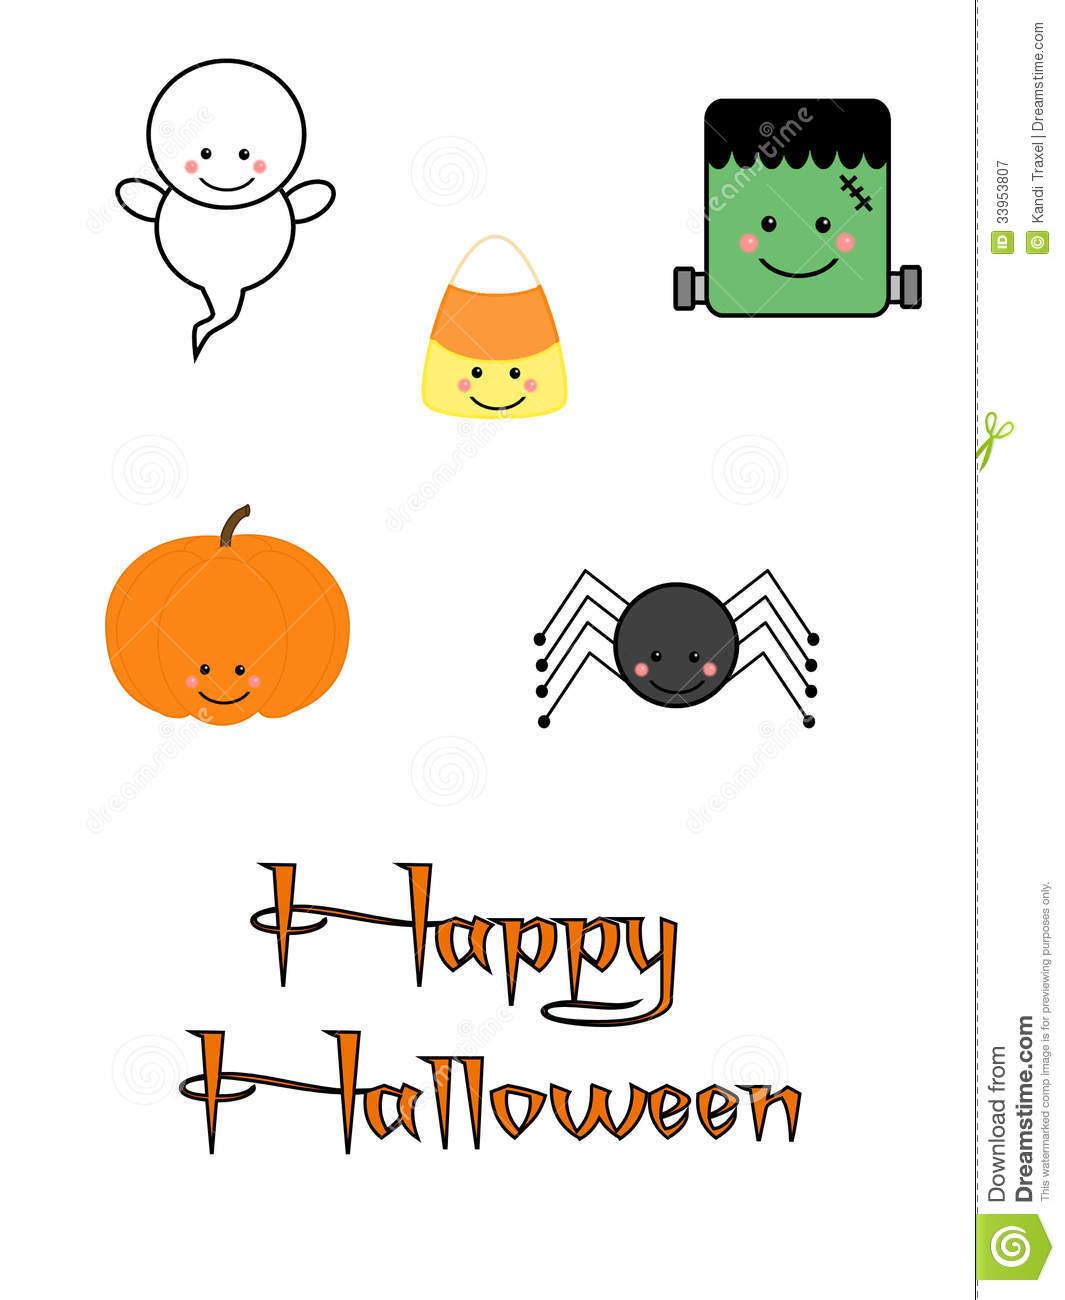 Holydays clipart halloween #14